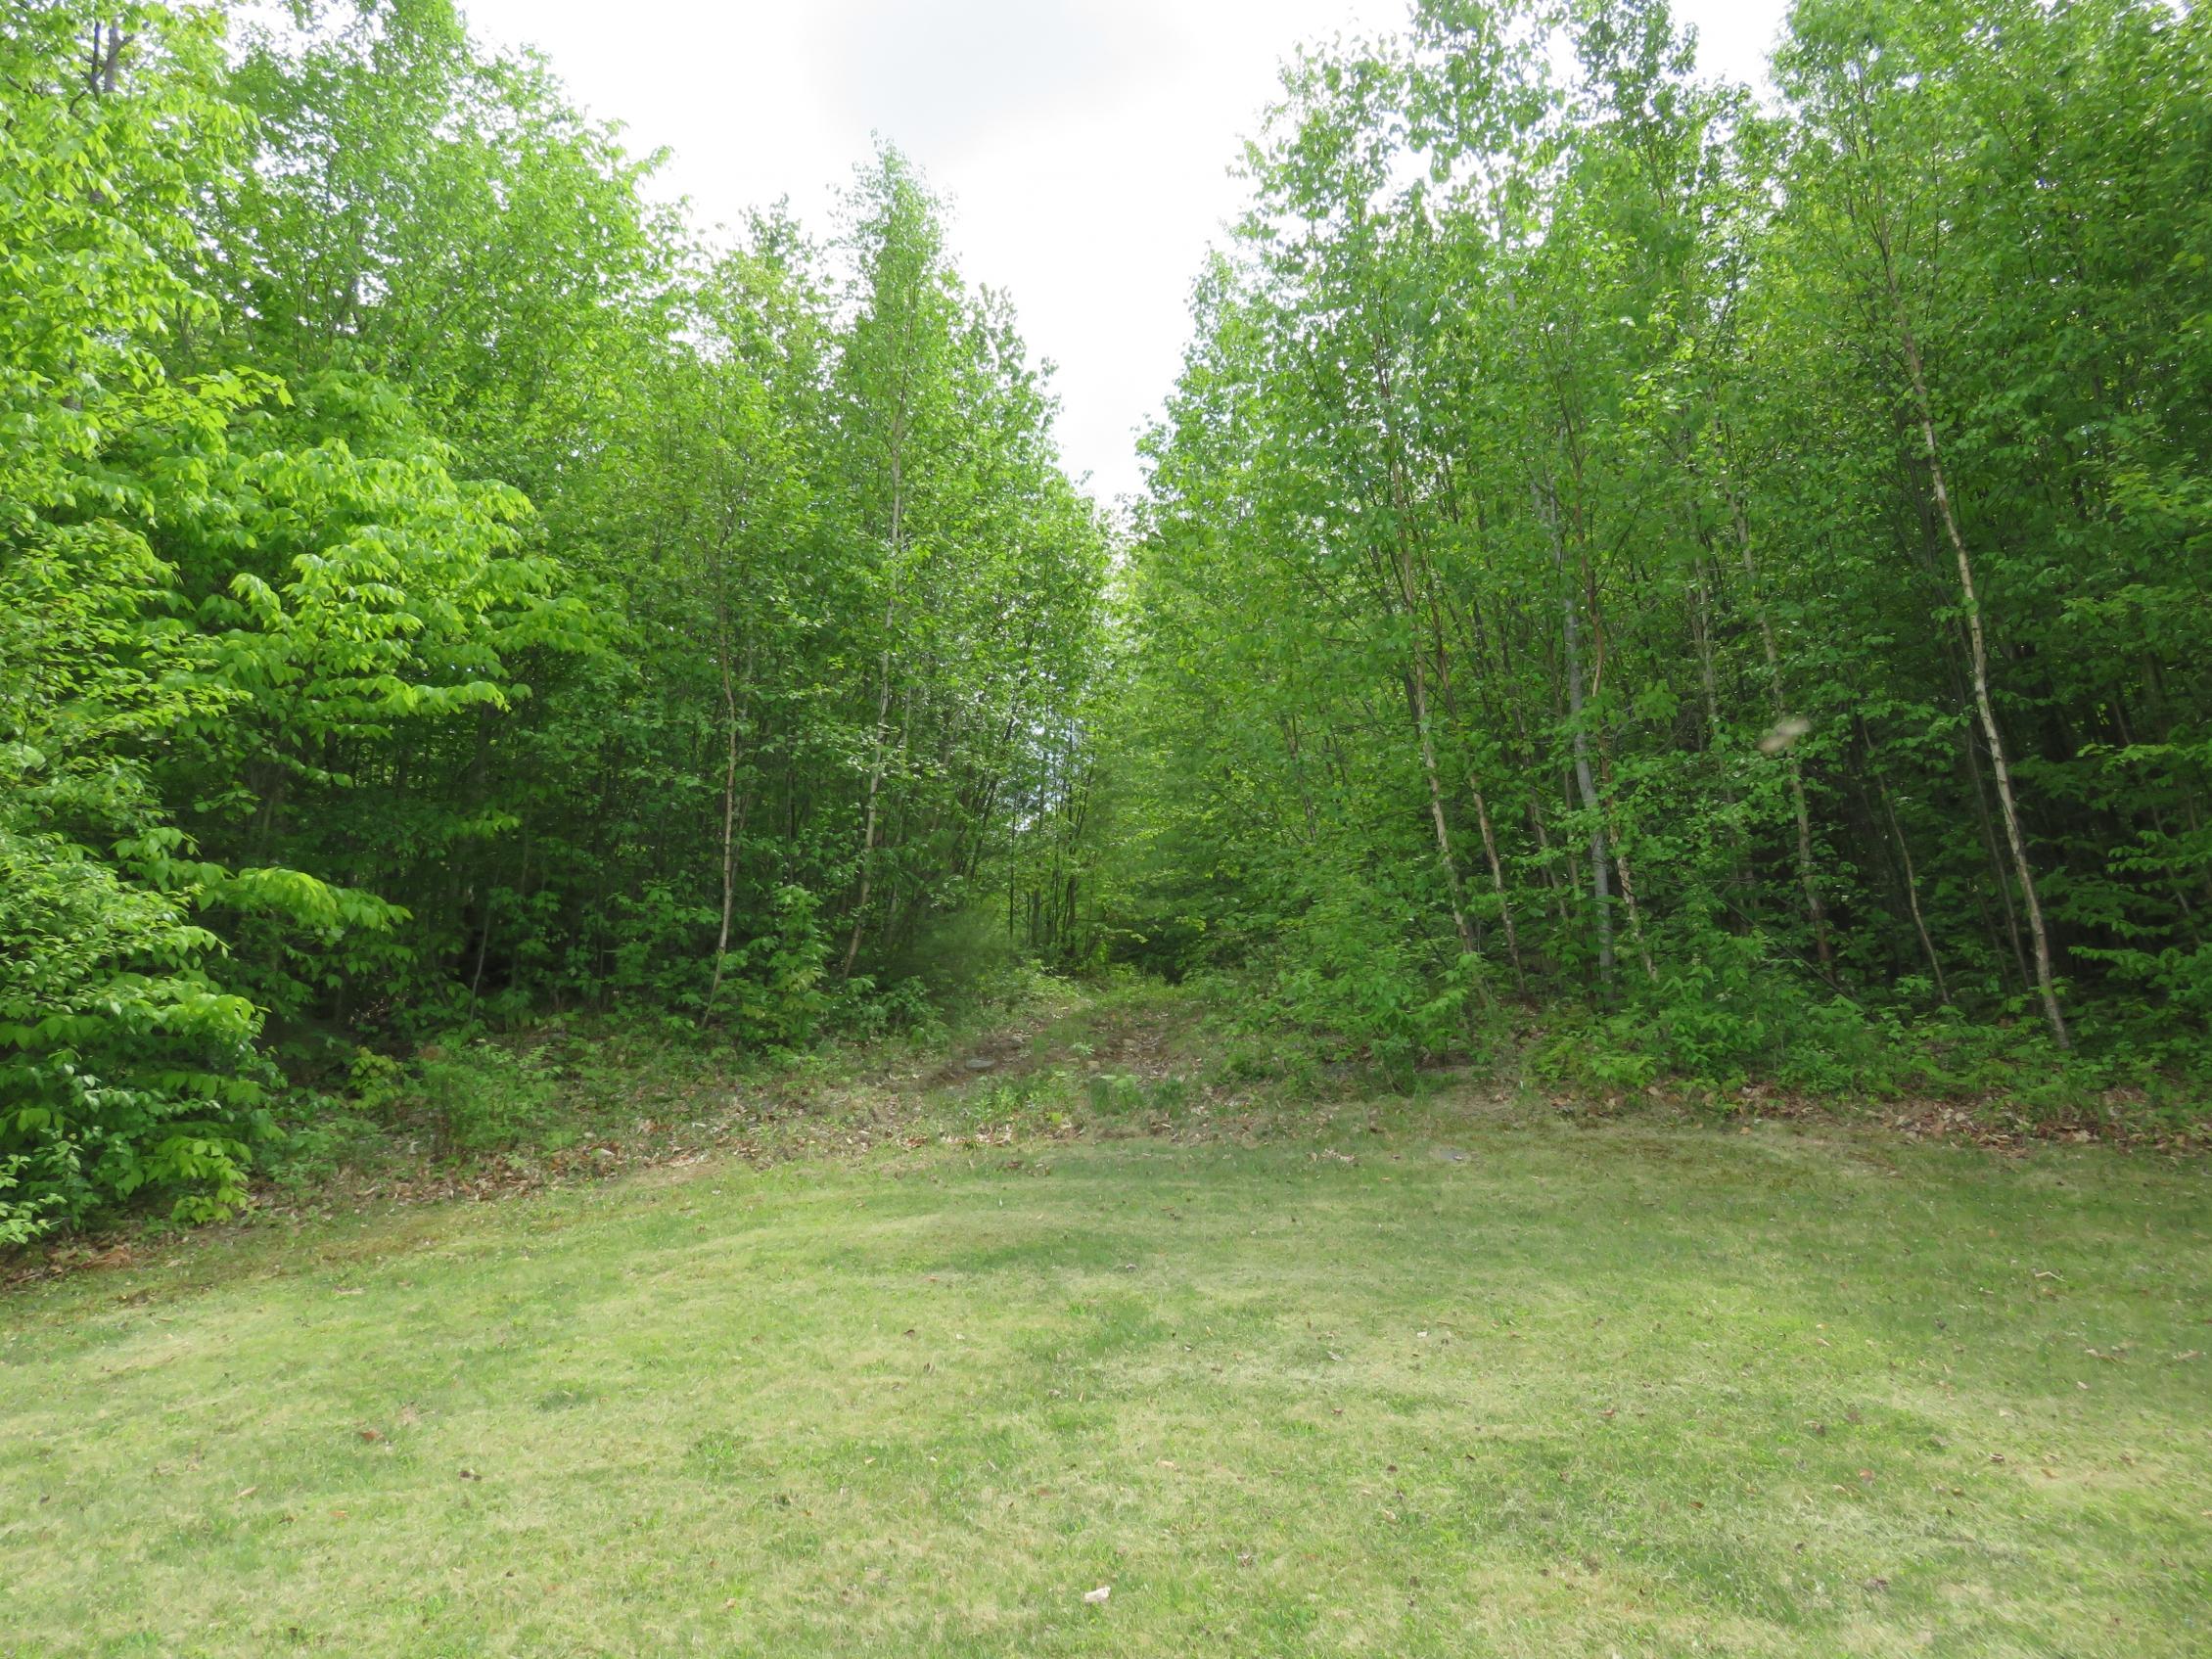 Terreno por un Venta en 703 Miller Pond Road, Grantham 703 Miller Pond Rd Grantham, Nueva Hampshire, 03753 Estados Unidos